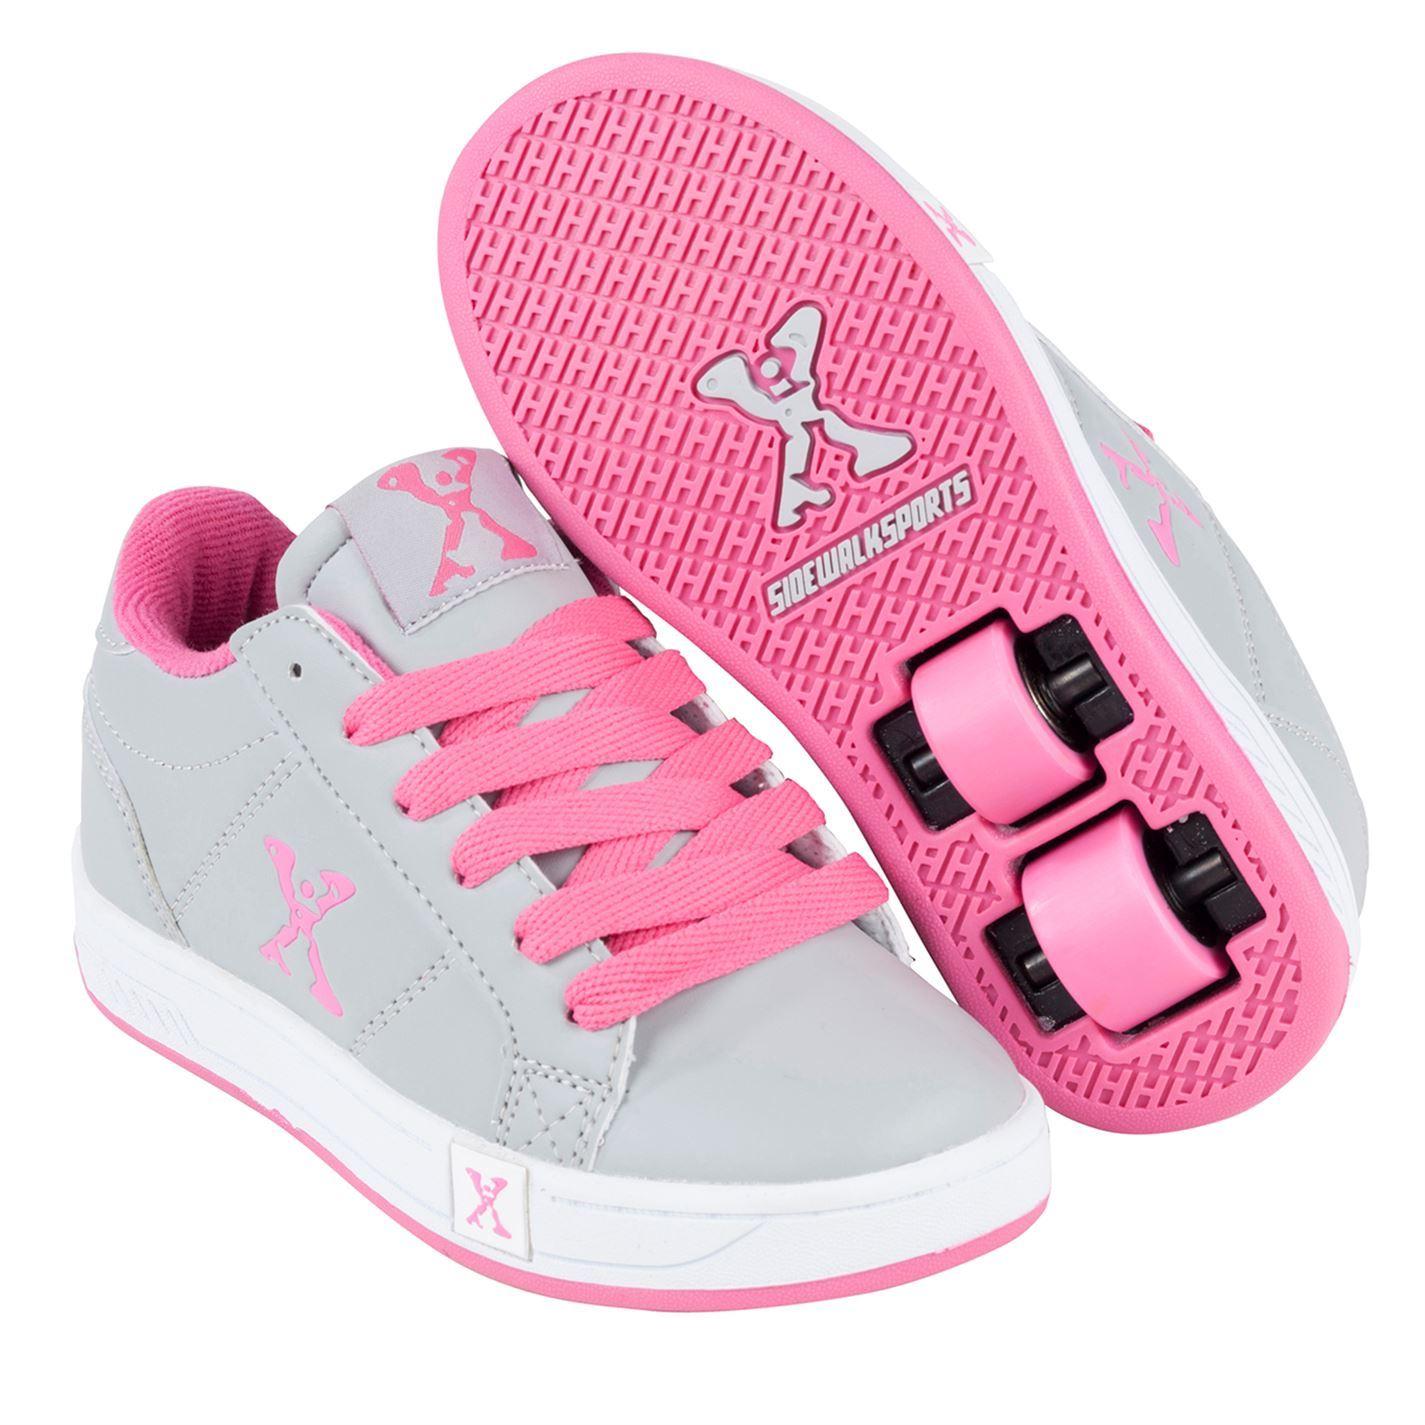 Sidewalk Sport Sport Lane Girls Shoes